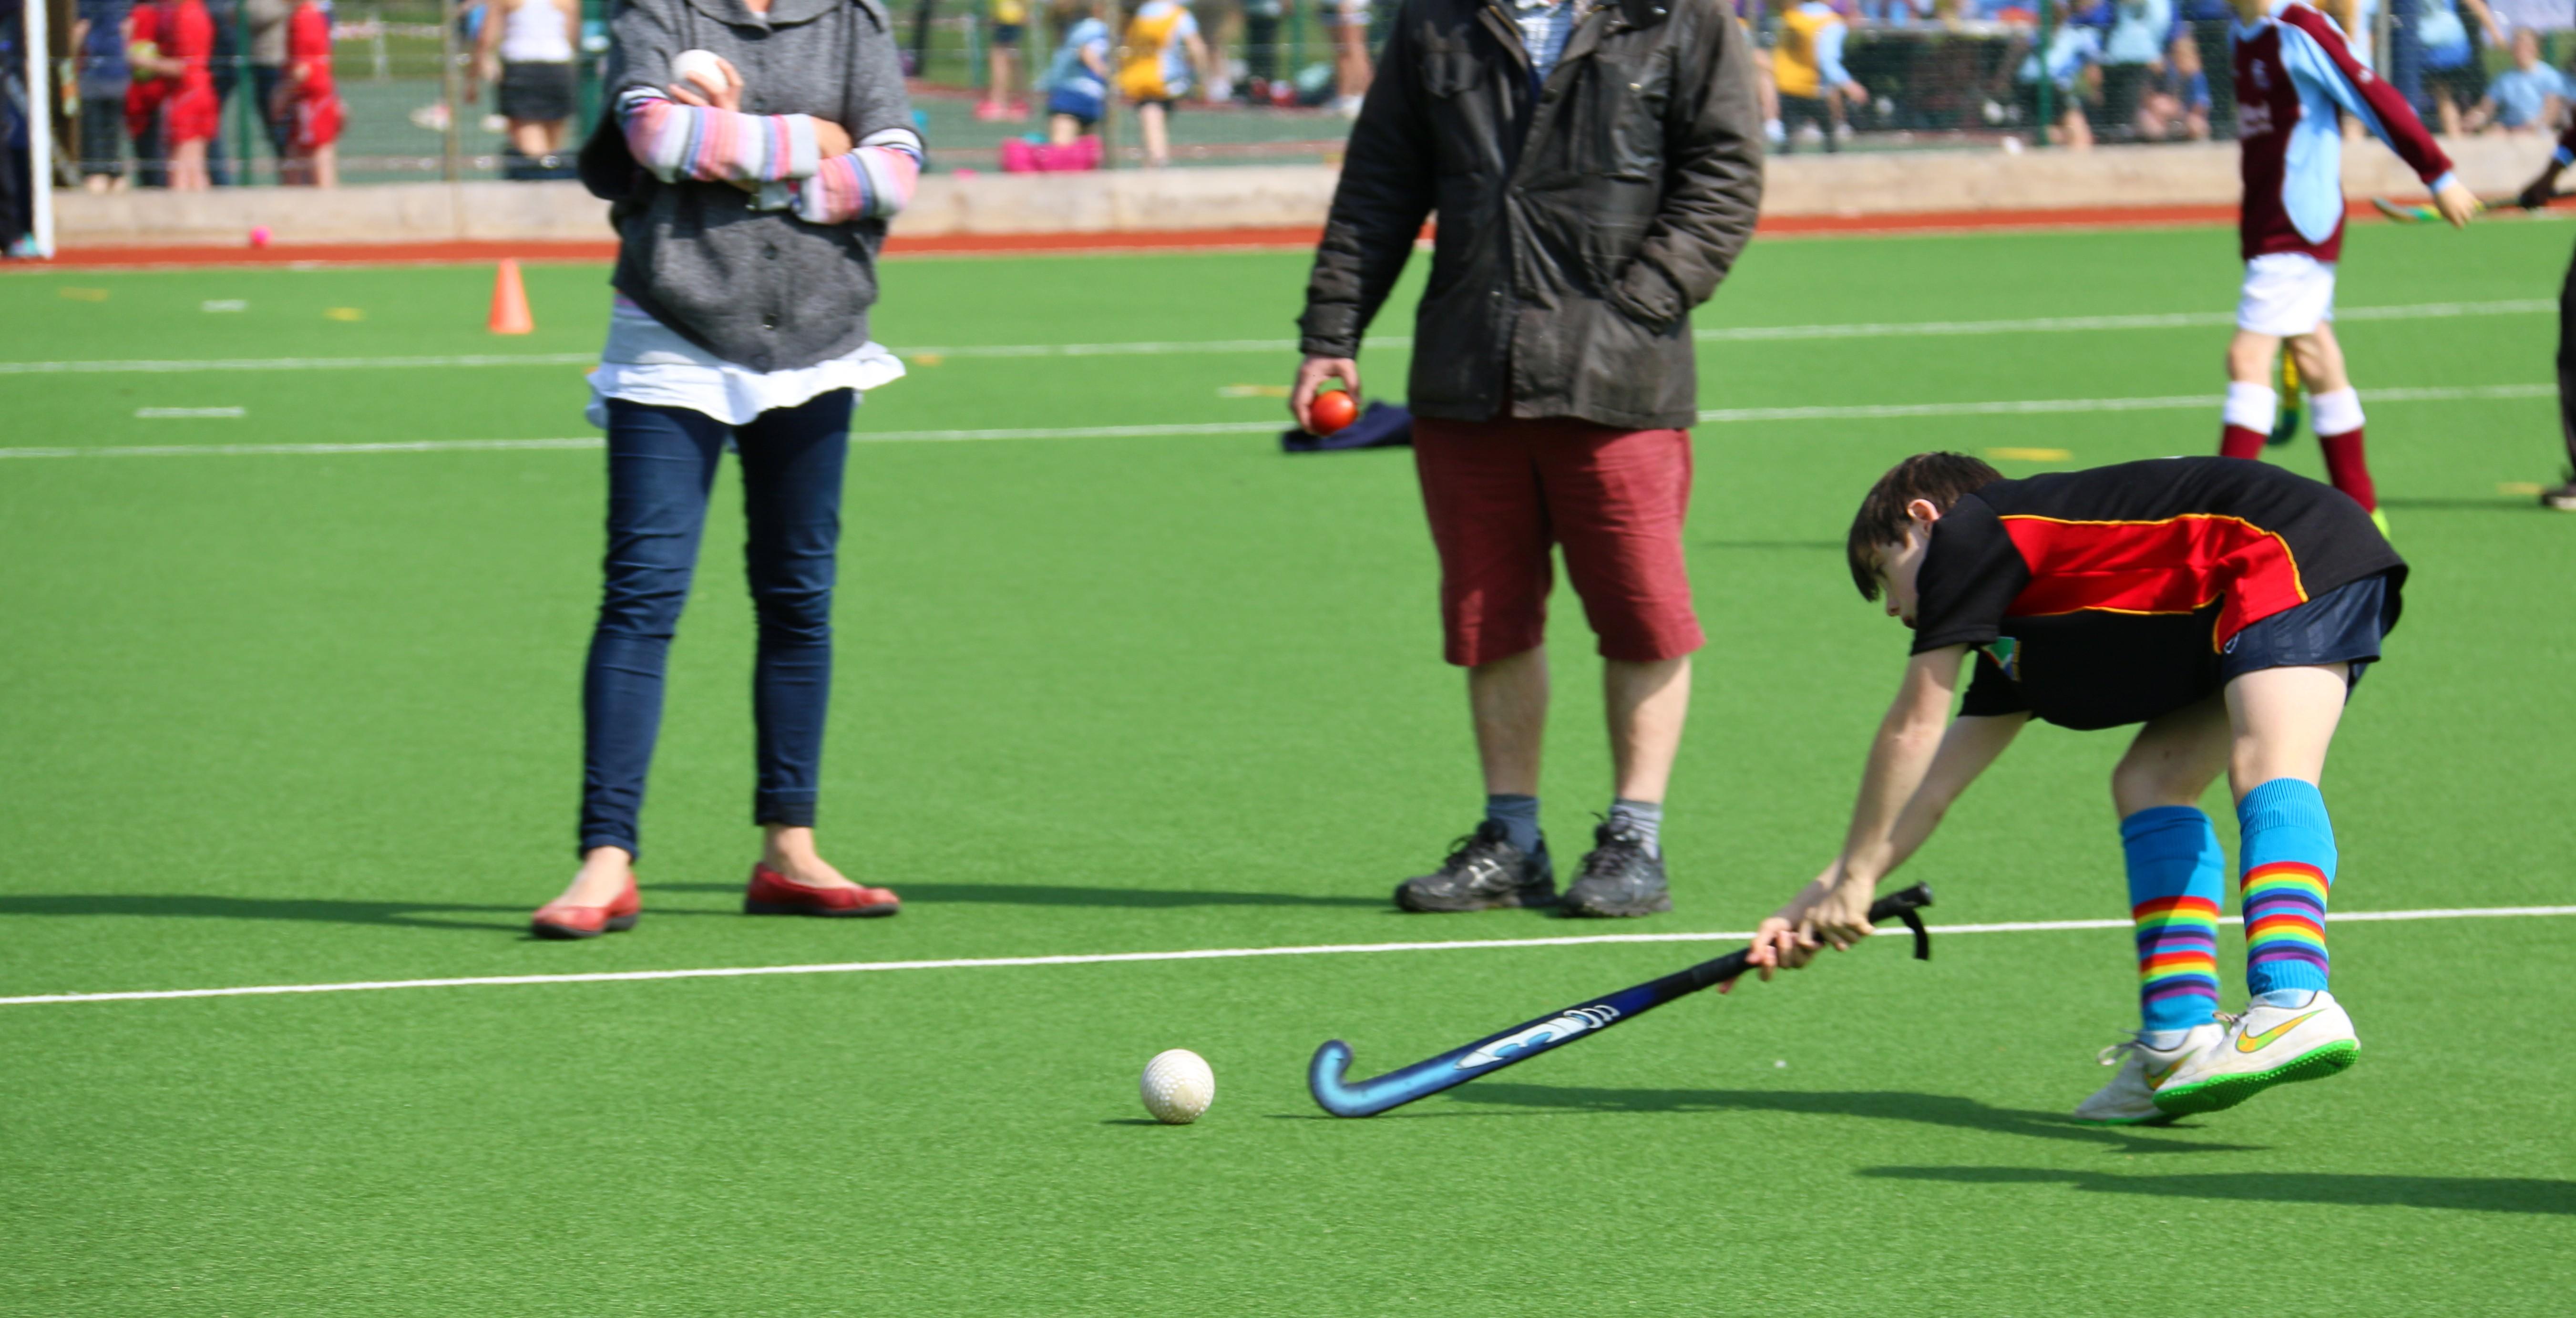 Boy hitting a hockey ball